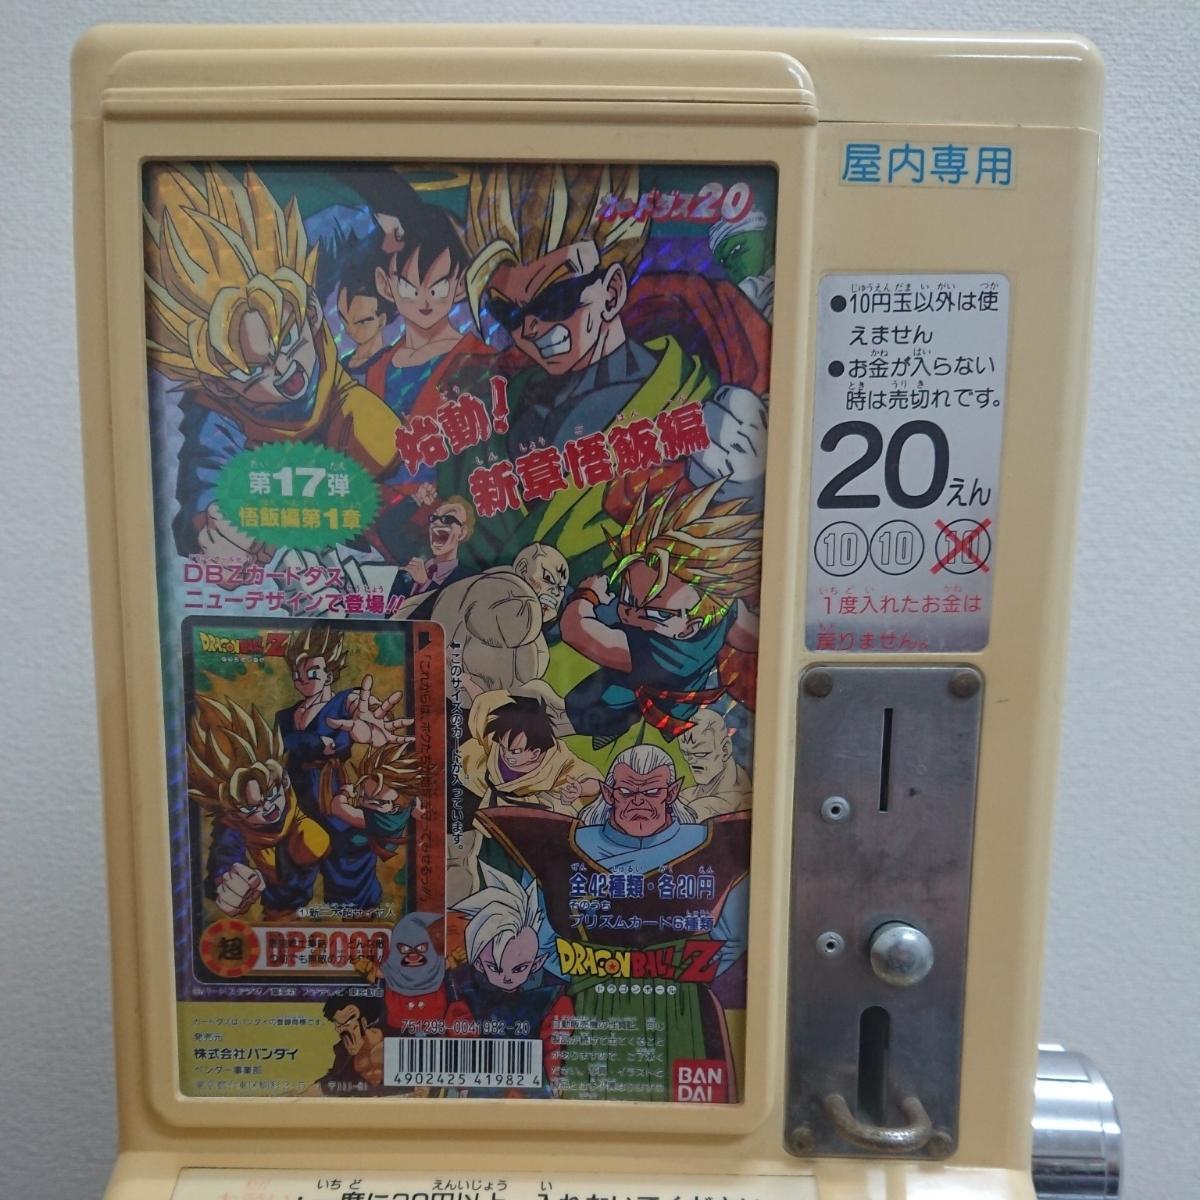 ■1円~ バンダイ カードダス20 1988年製 本体 可動品 台紙は ドラゴンボールZ 第17弾 悟飯第1章 DBZ 発送はゆうパック120_画像2